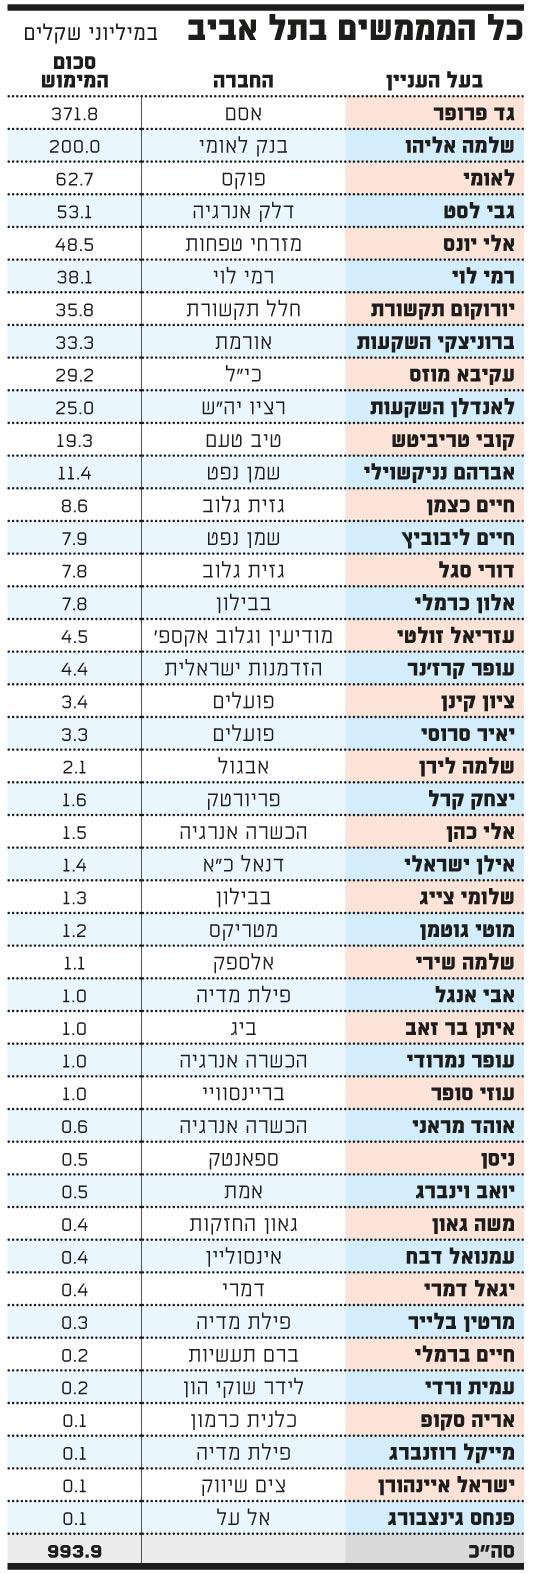 כל הממשים בתל אביב